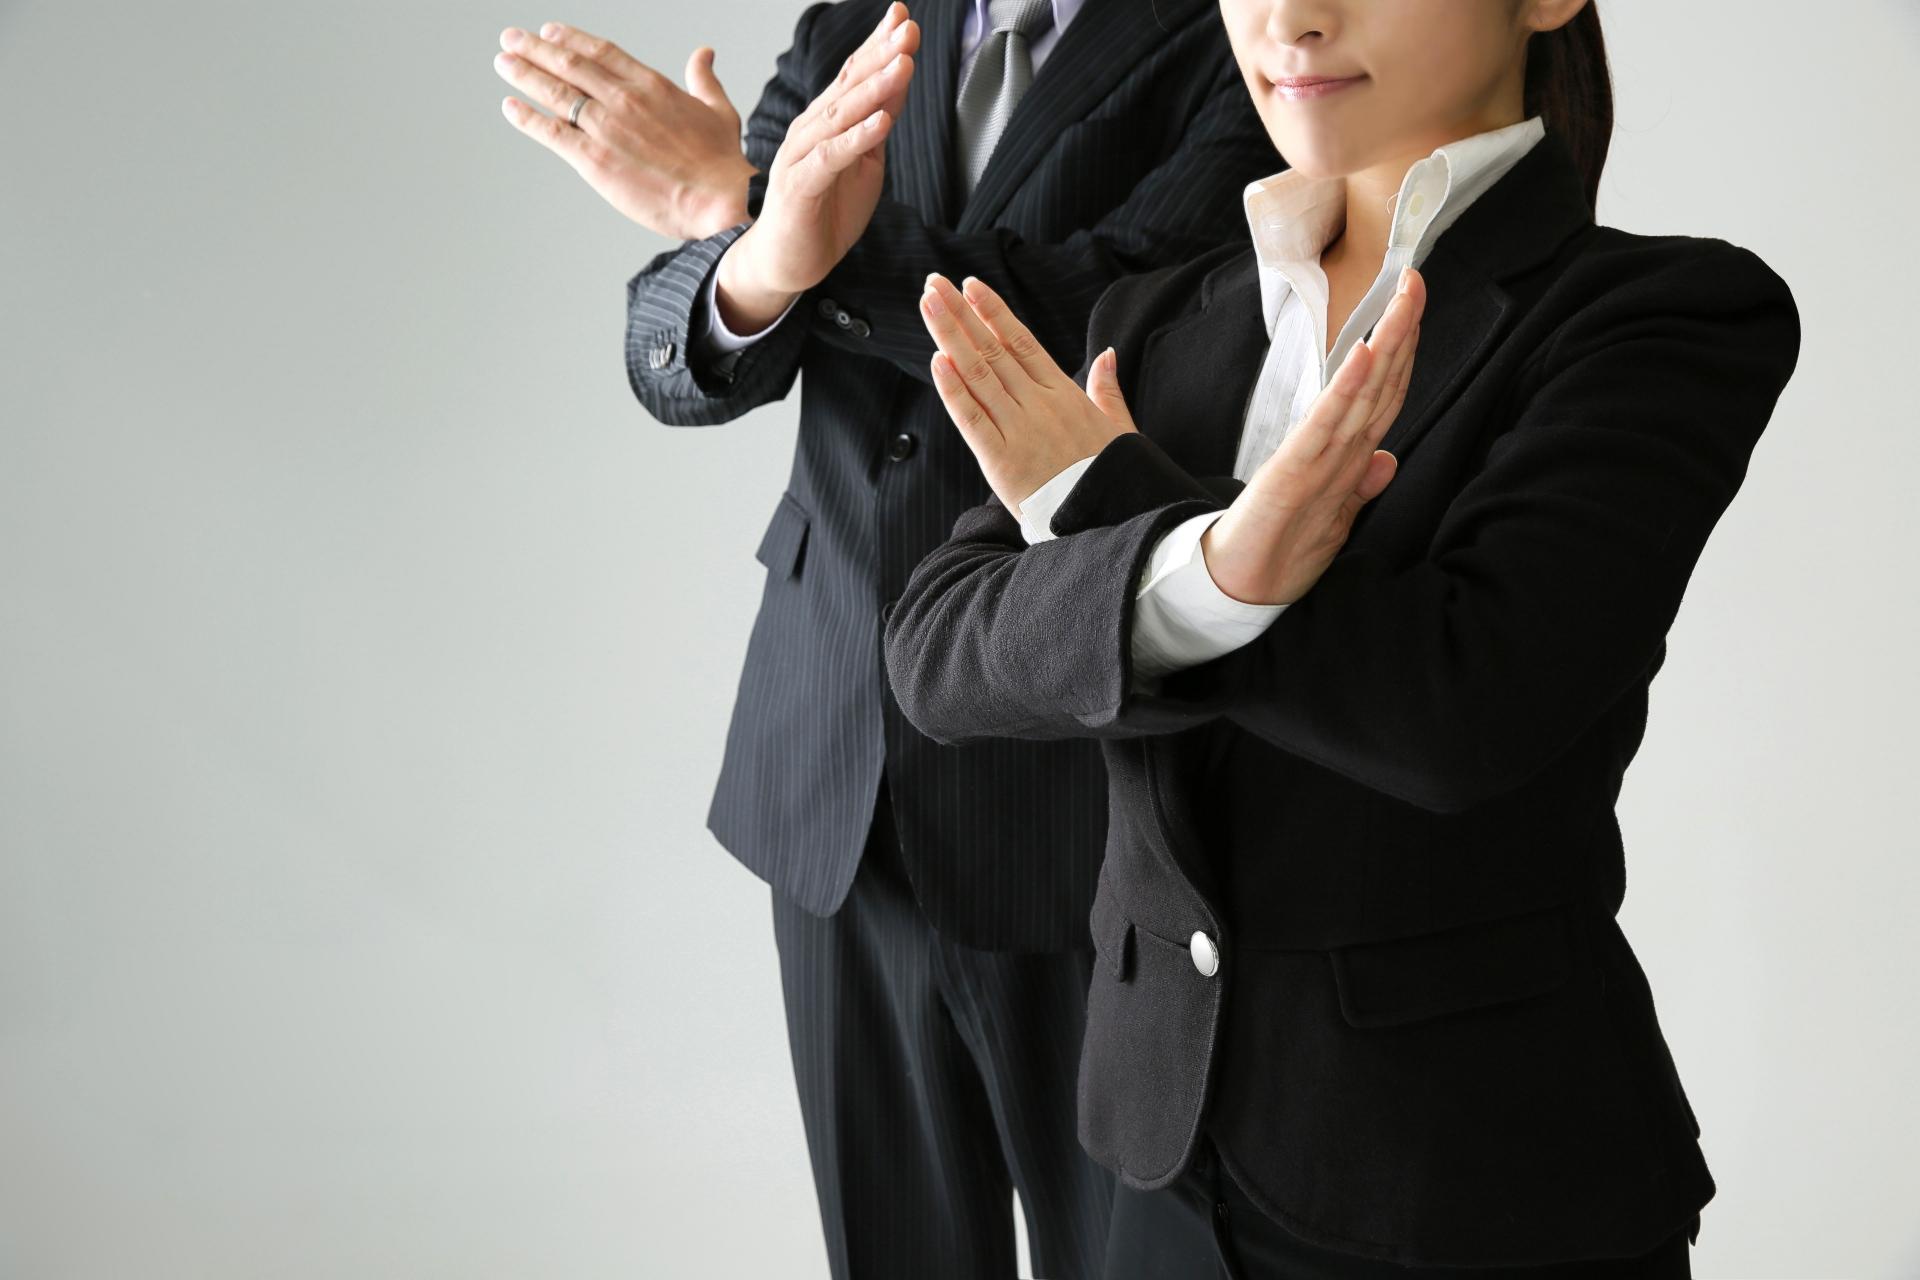 身体障害者は有利で精神障害は不利?雇用や給料に差が出る理由